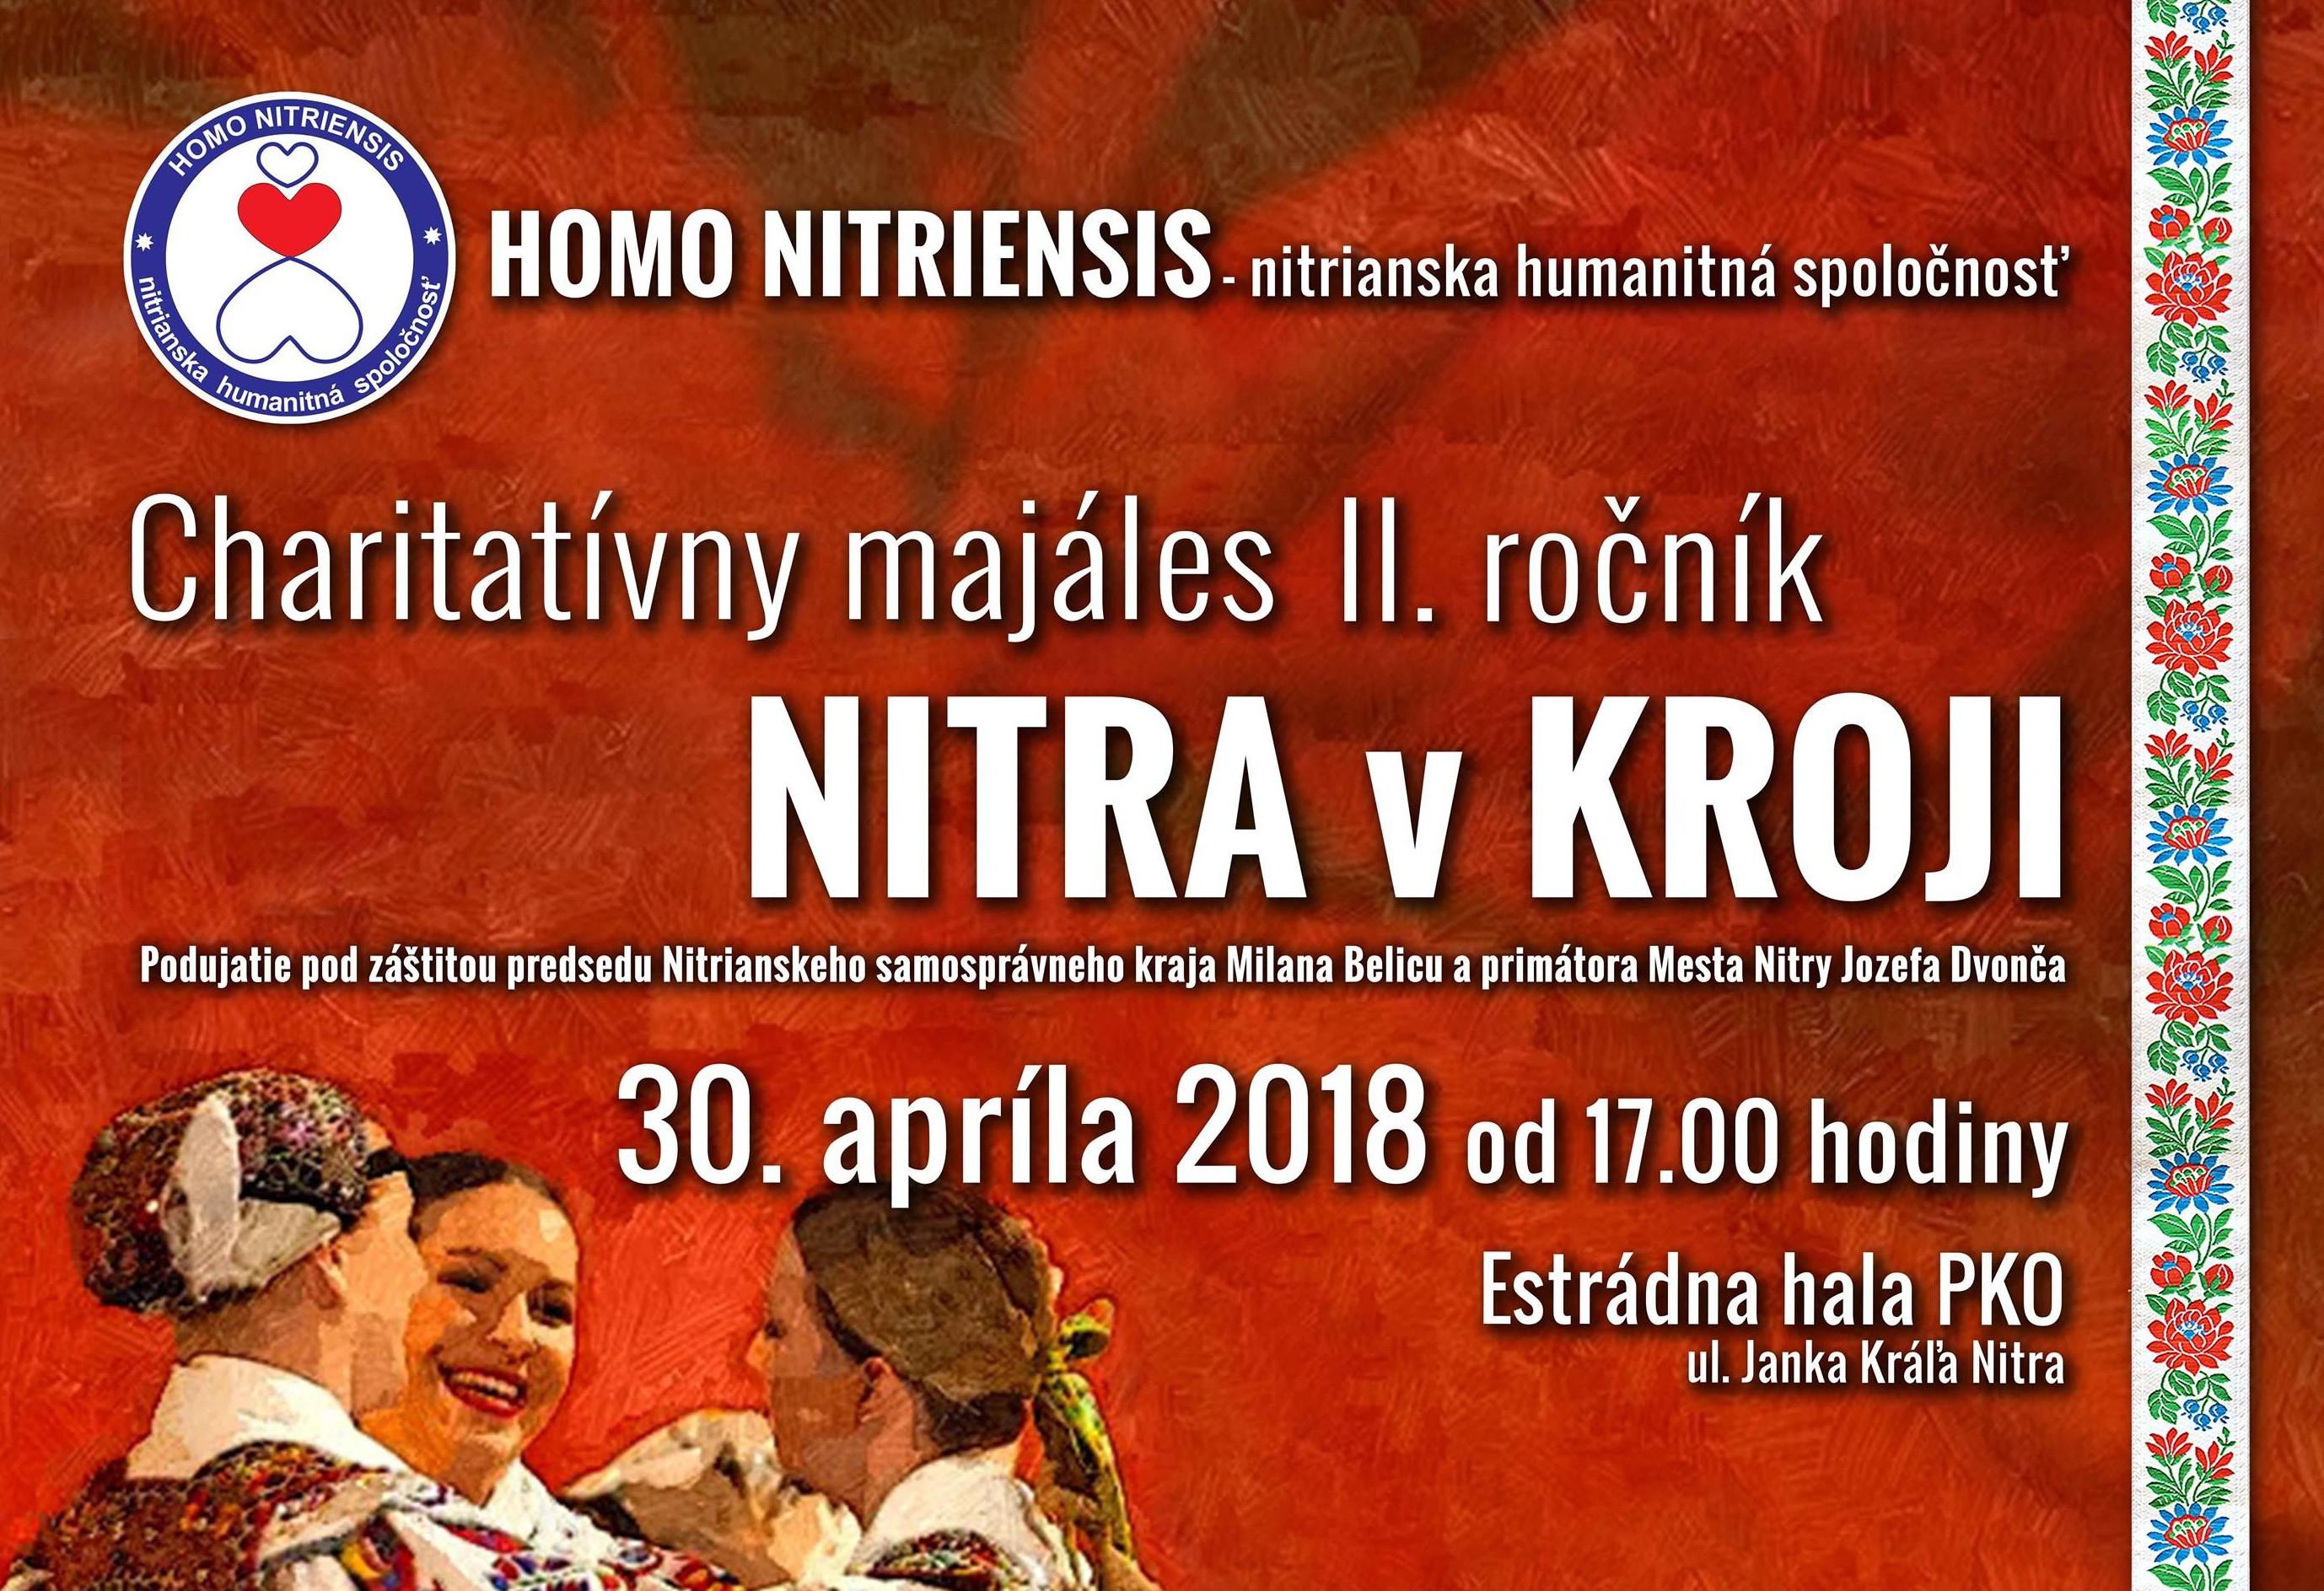 Charitatívny Majáles NITRA v KROJI 2018 - Katalóg firiem  1403022f594